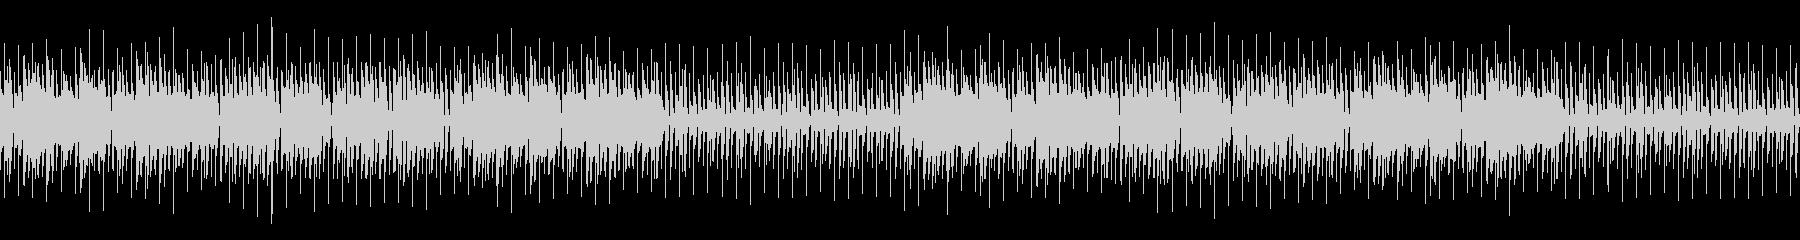 アイリッシュ・ケルト・ほのぼの・日常の未再生の波形